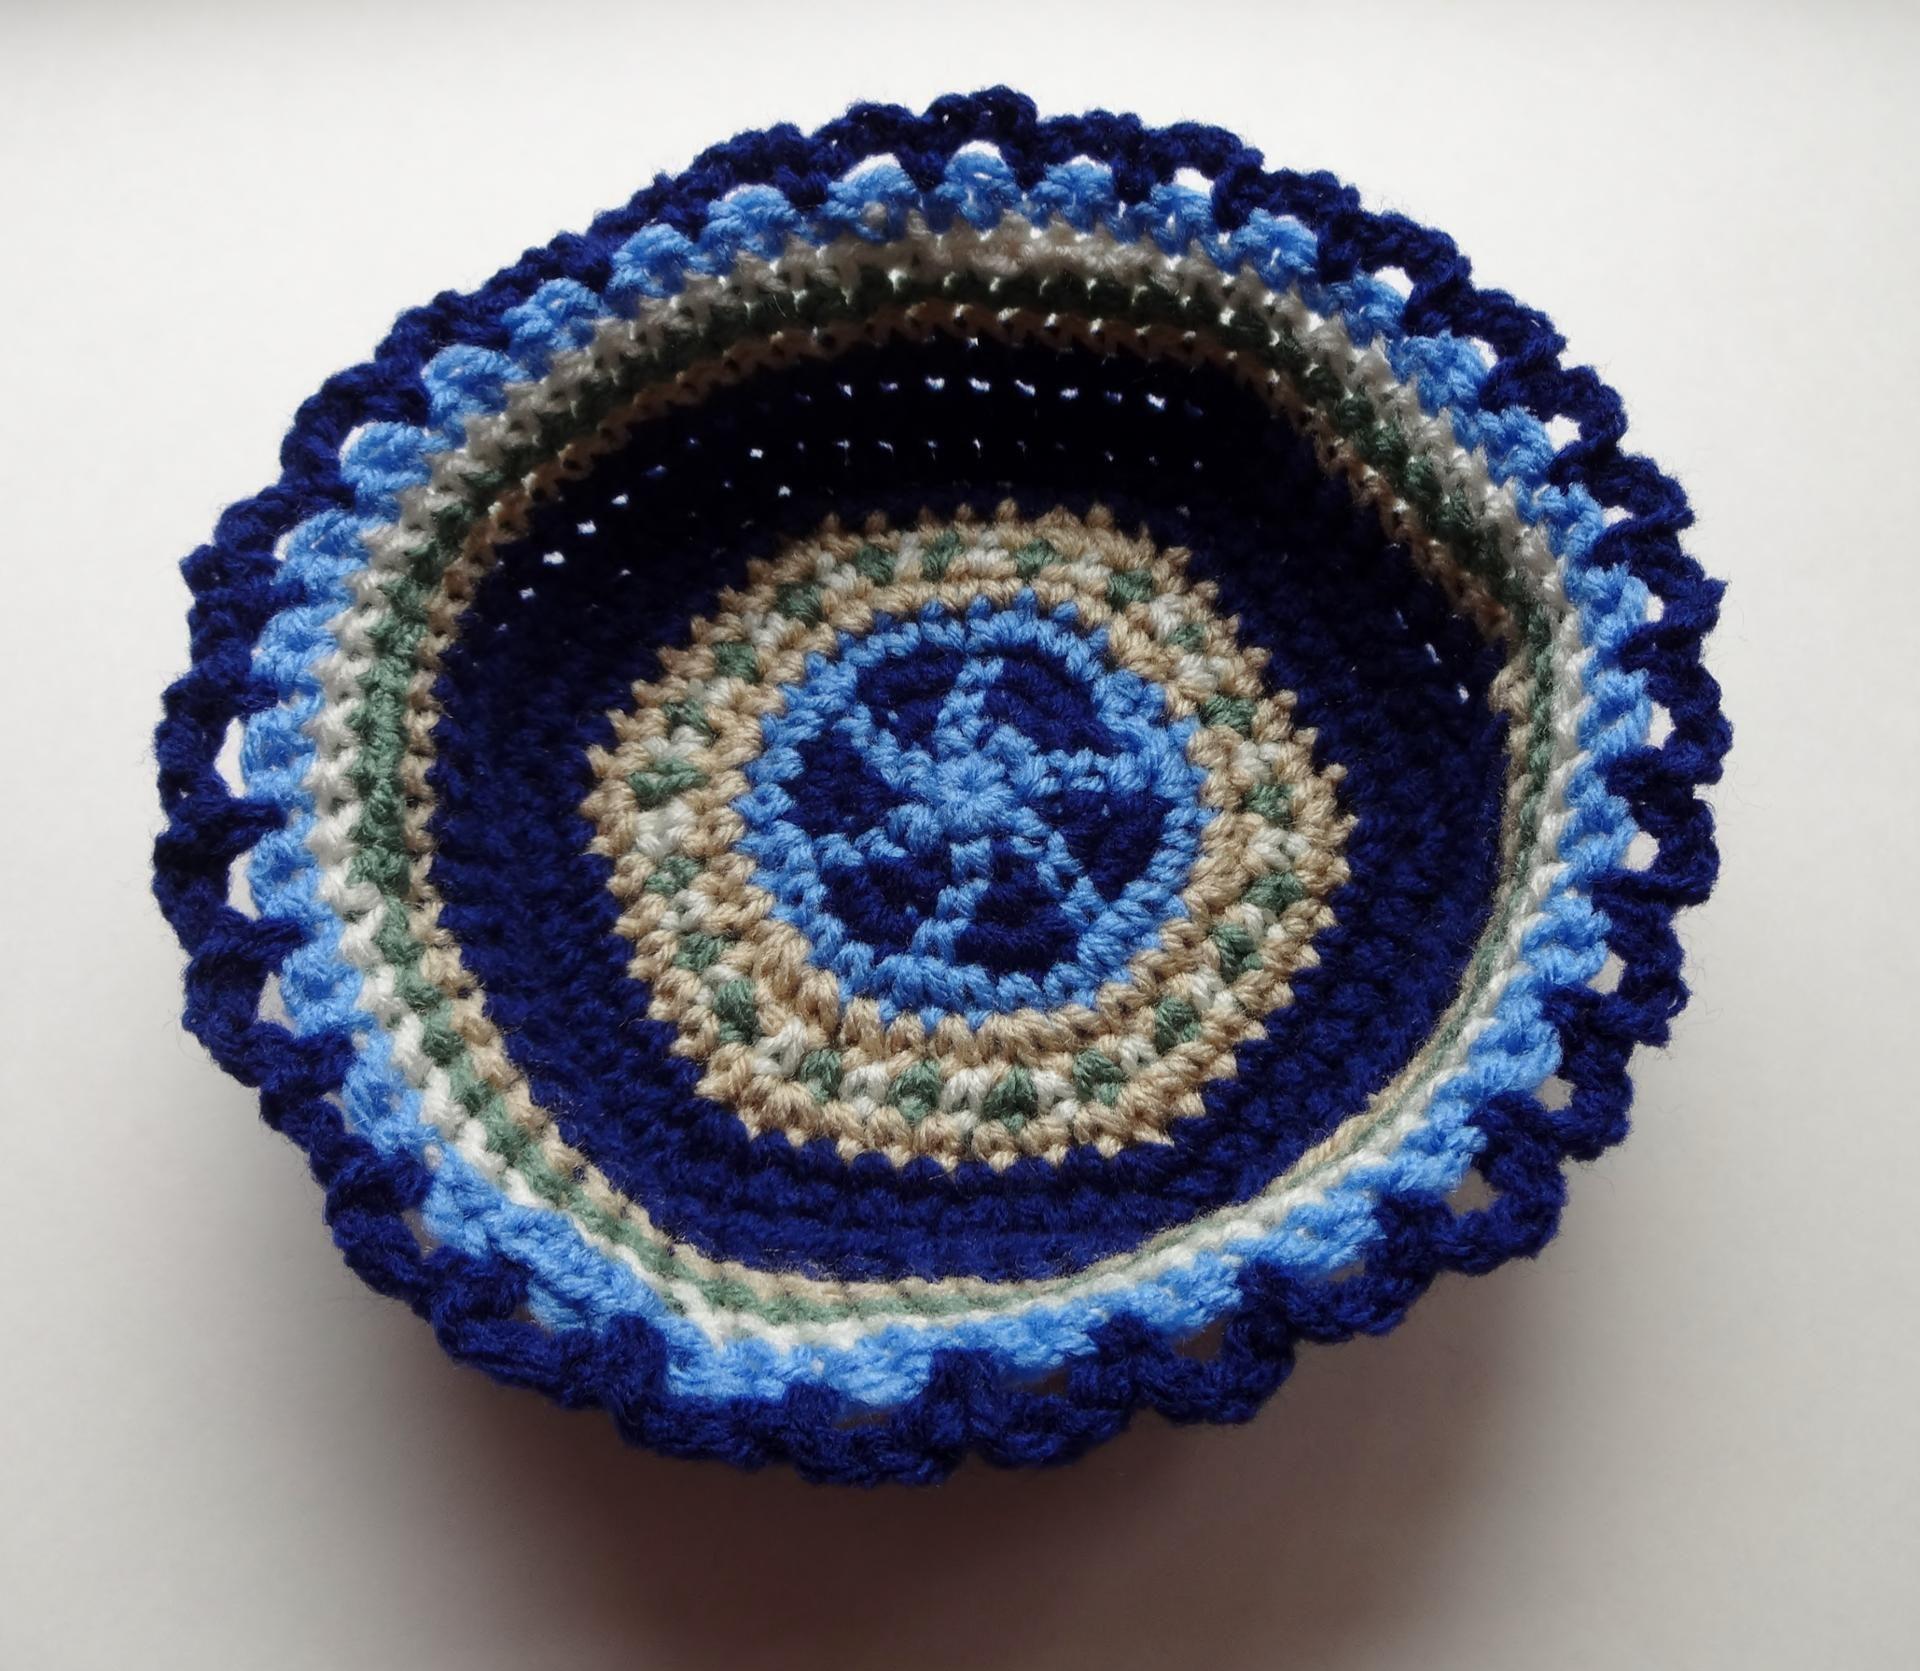 10 Quick Tips for Better Tapestry Crochet